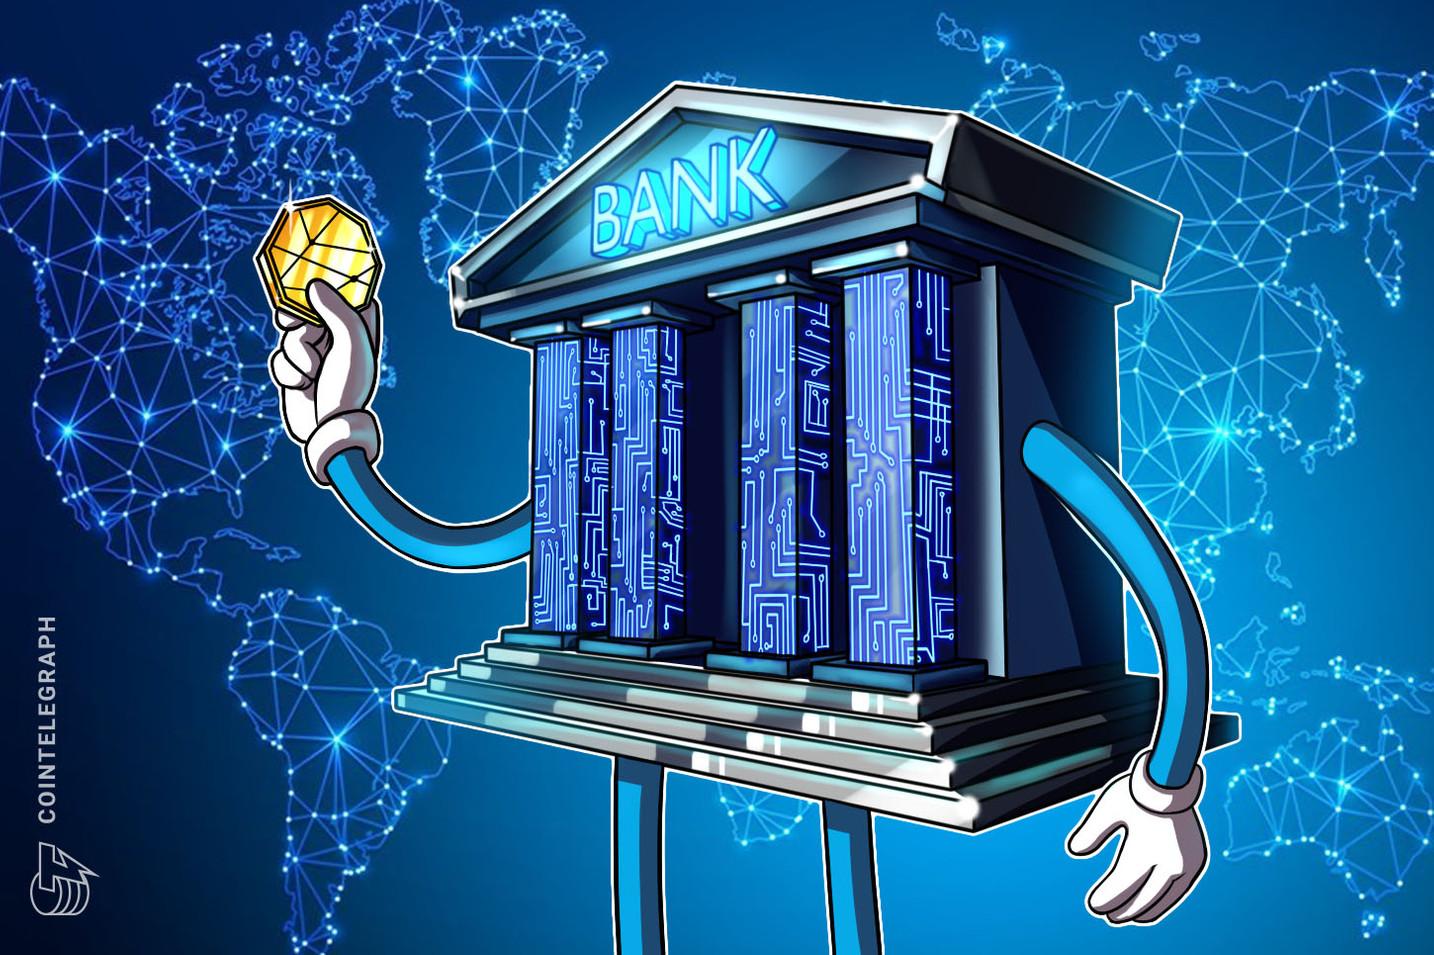 El principal banco de Dinamarca adopta una actitud cautelosa con respecto a las criptomonedas, pero afirma que no interferirá